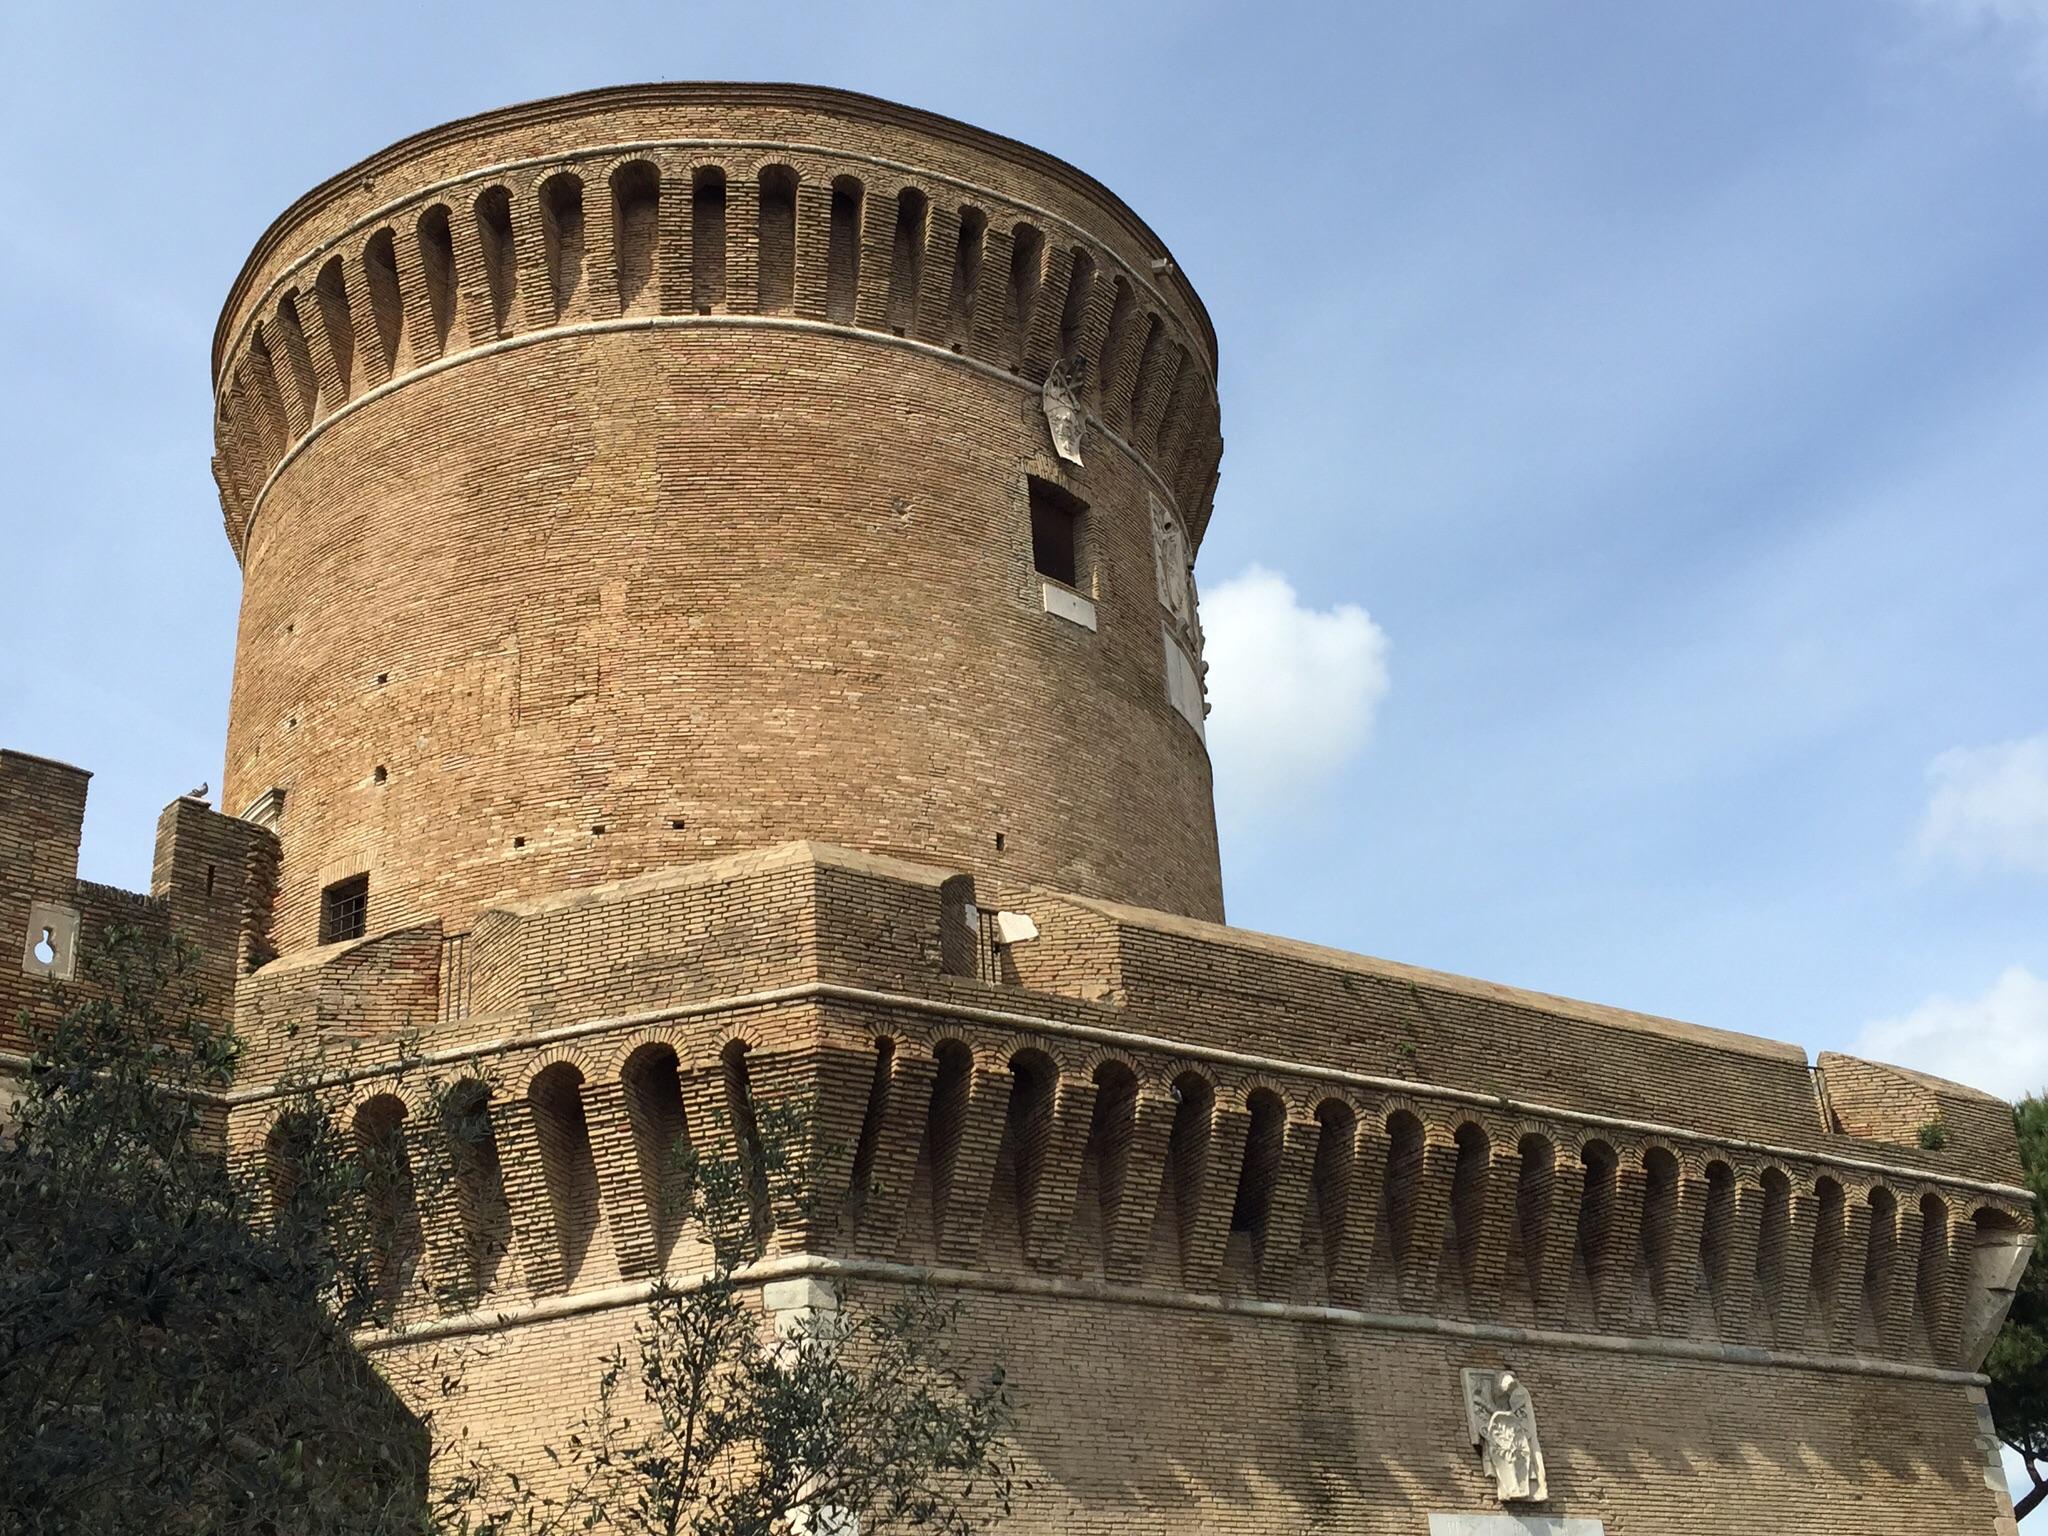 La notte dei musei al castello di giulio ii ostia newsgo for Programma arredamenti ostia